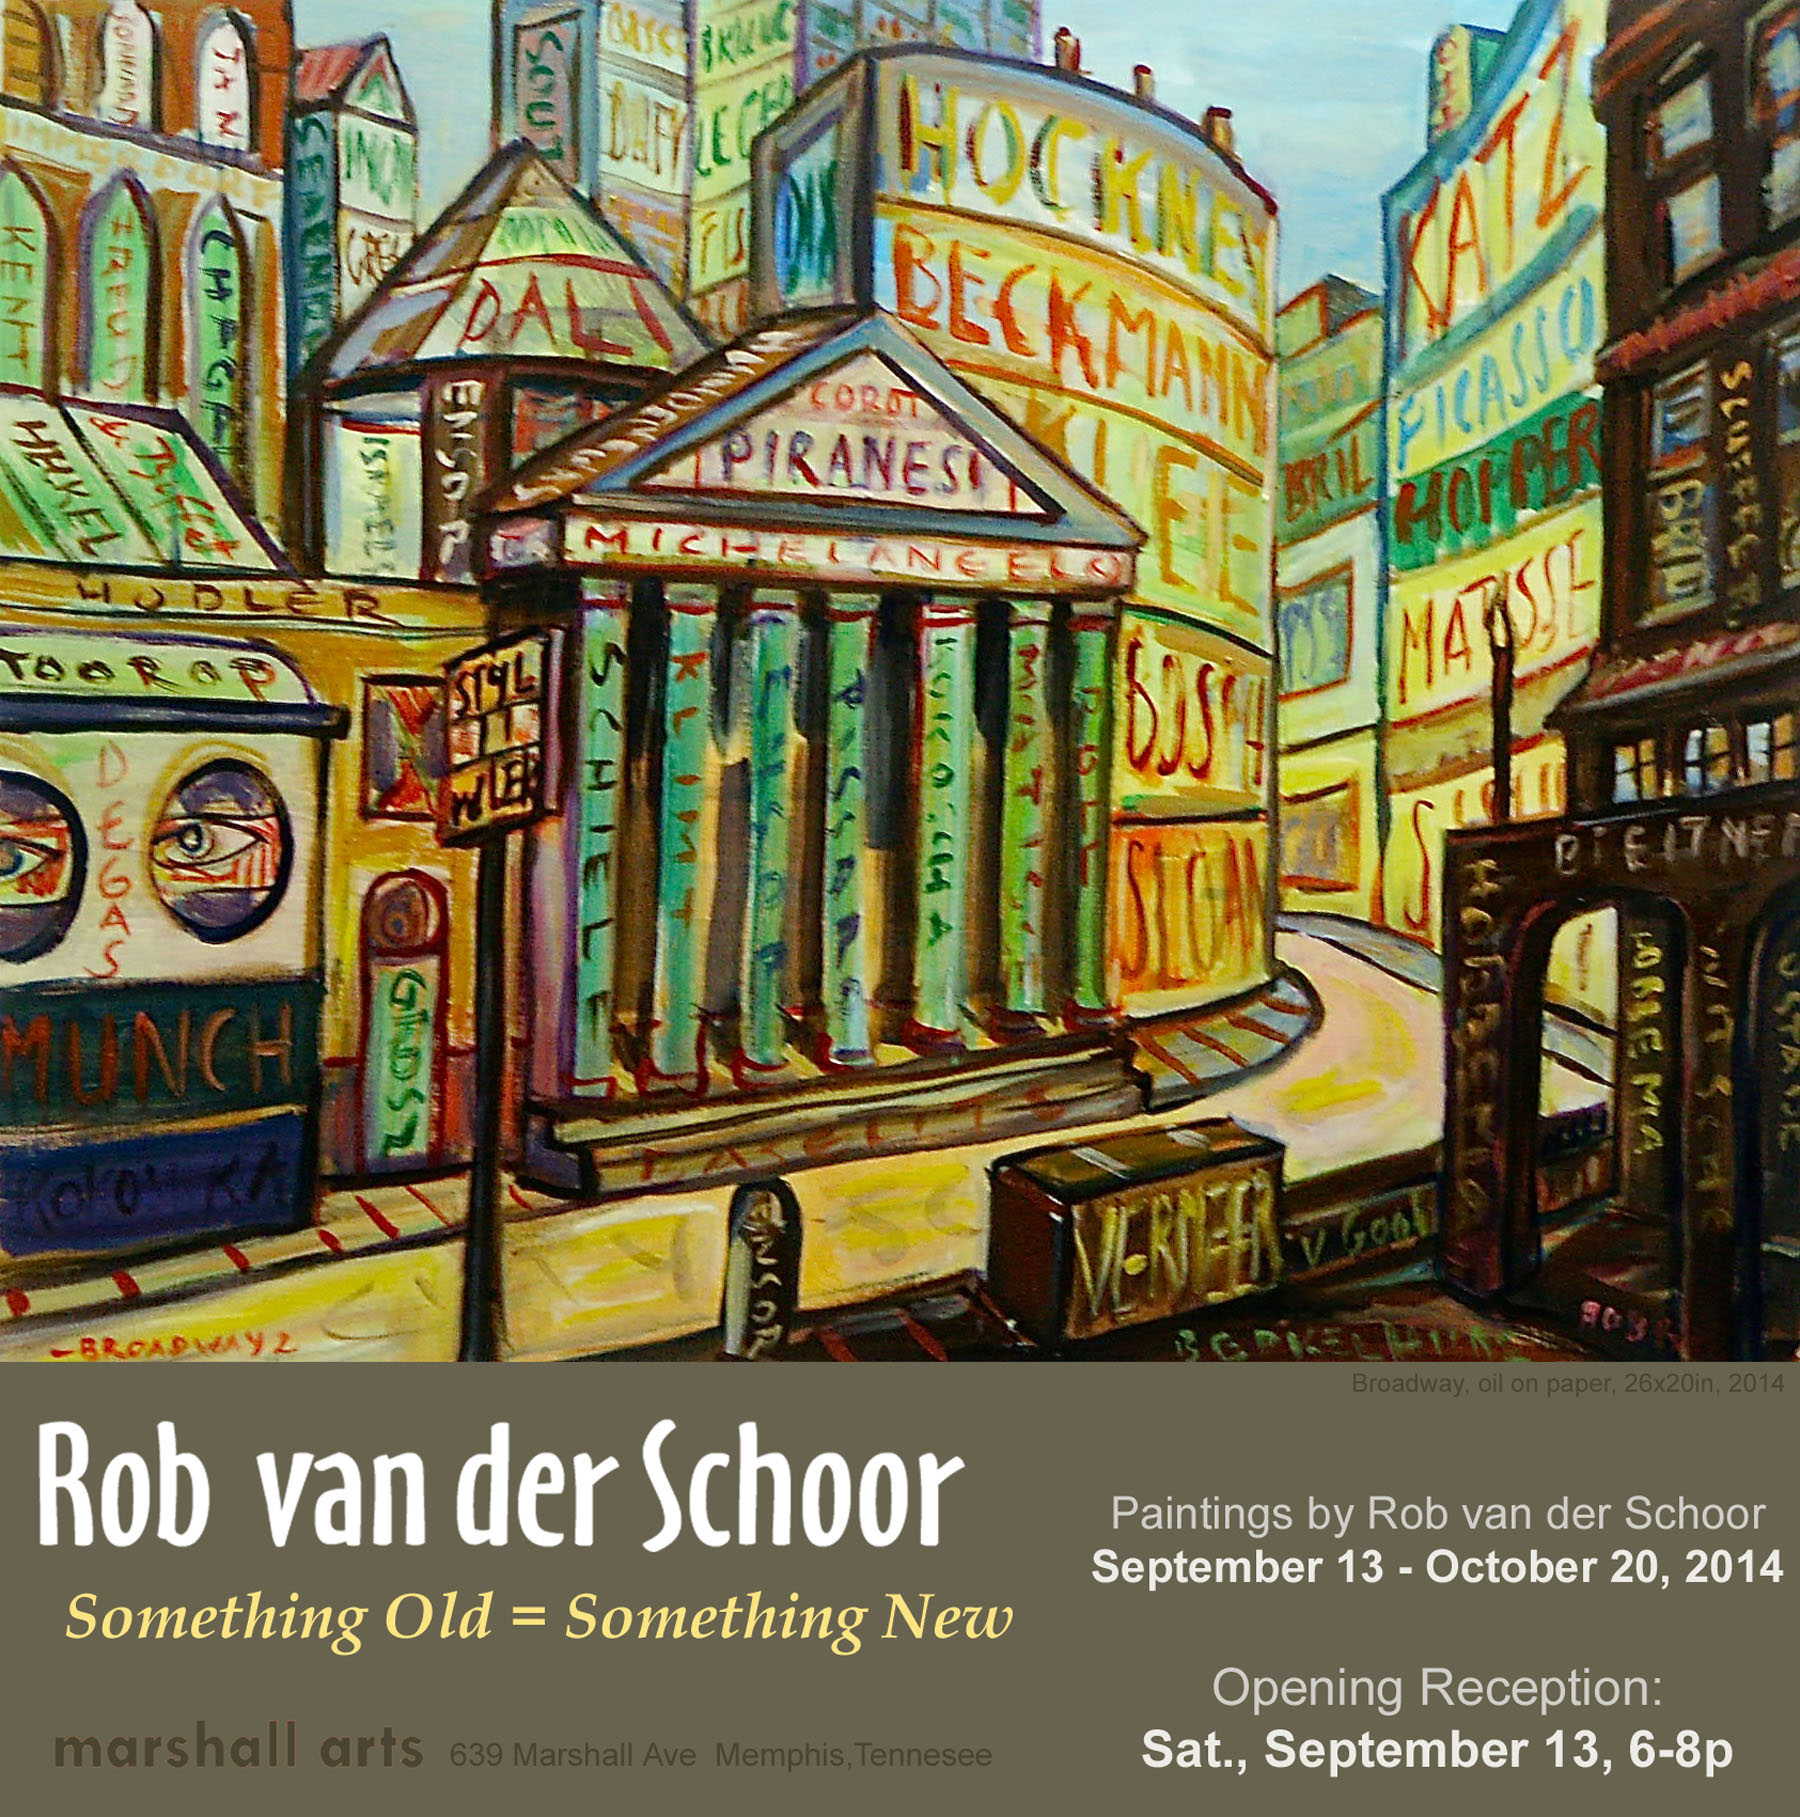 Vanderschoor Show E-Flyer.jpg